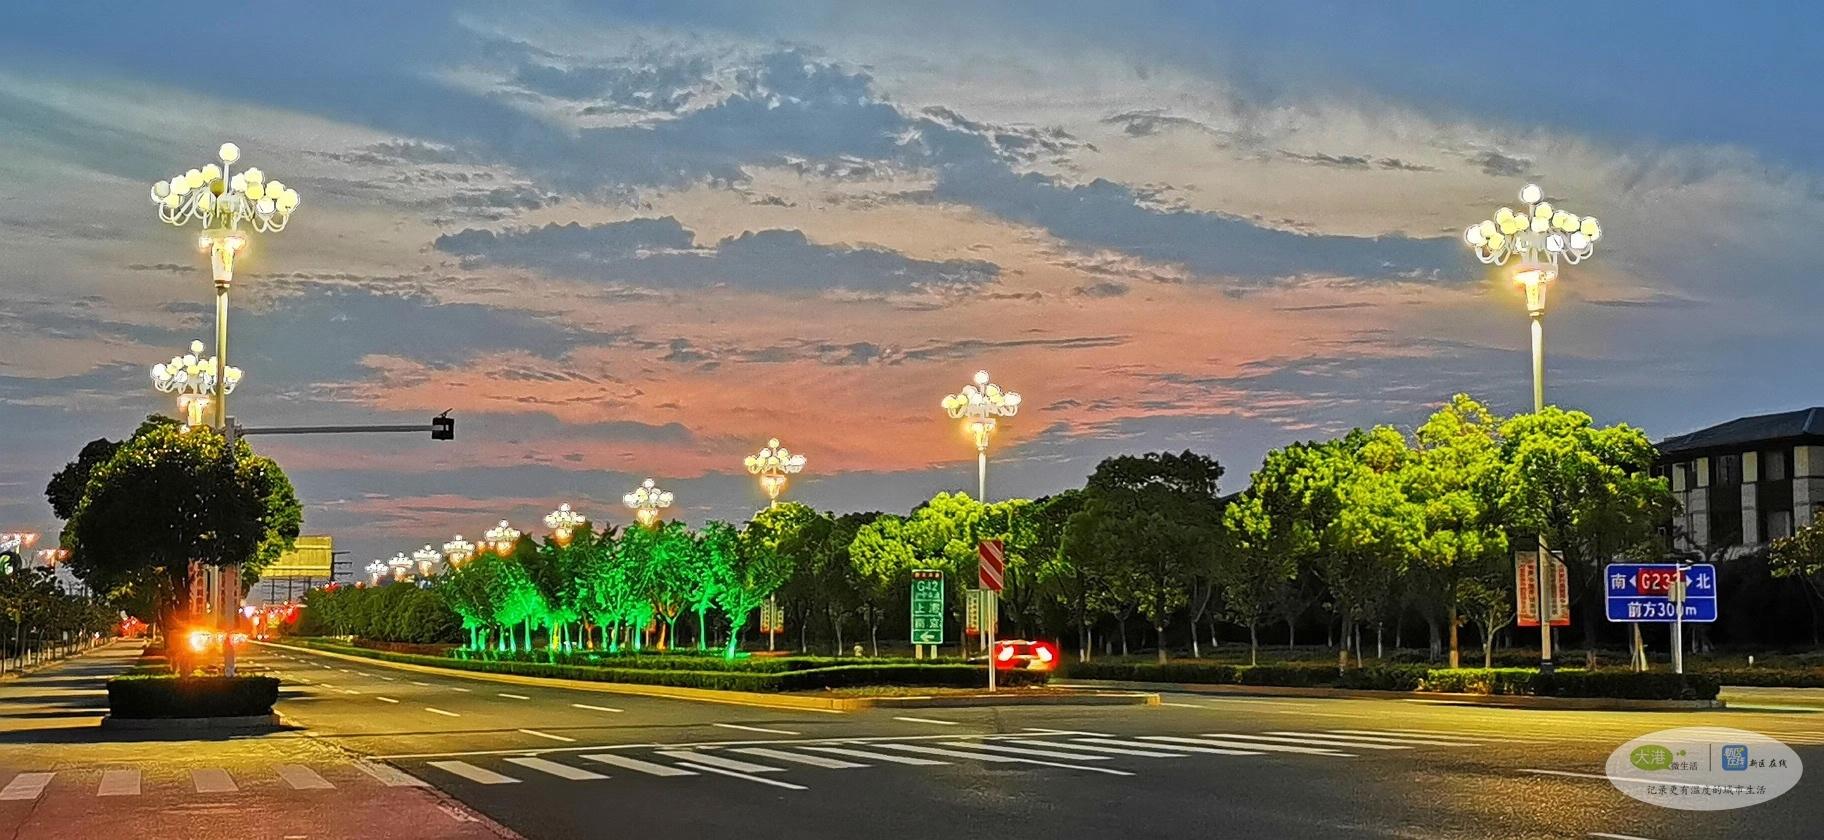 美丽夜景在新区